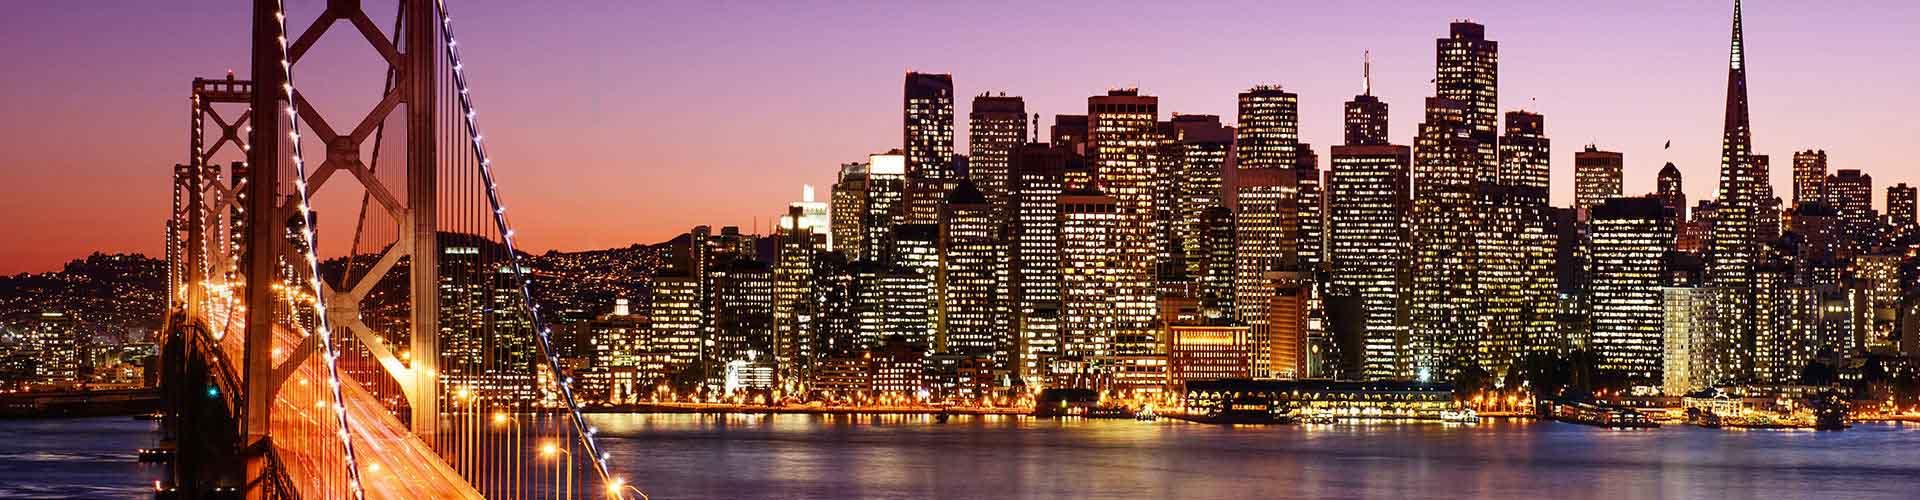 San Francisco - Hostele w mieście: San Francisco, Mapy: San Francisco, Zdjęcia i Recenzje dla każdego hostelu w mieście San Francisco.